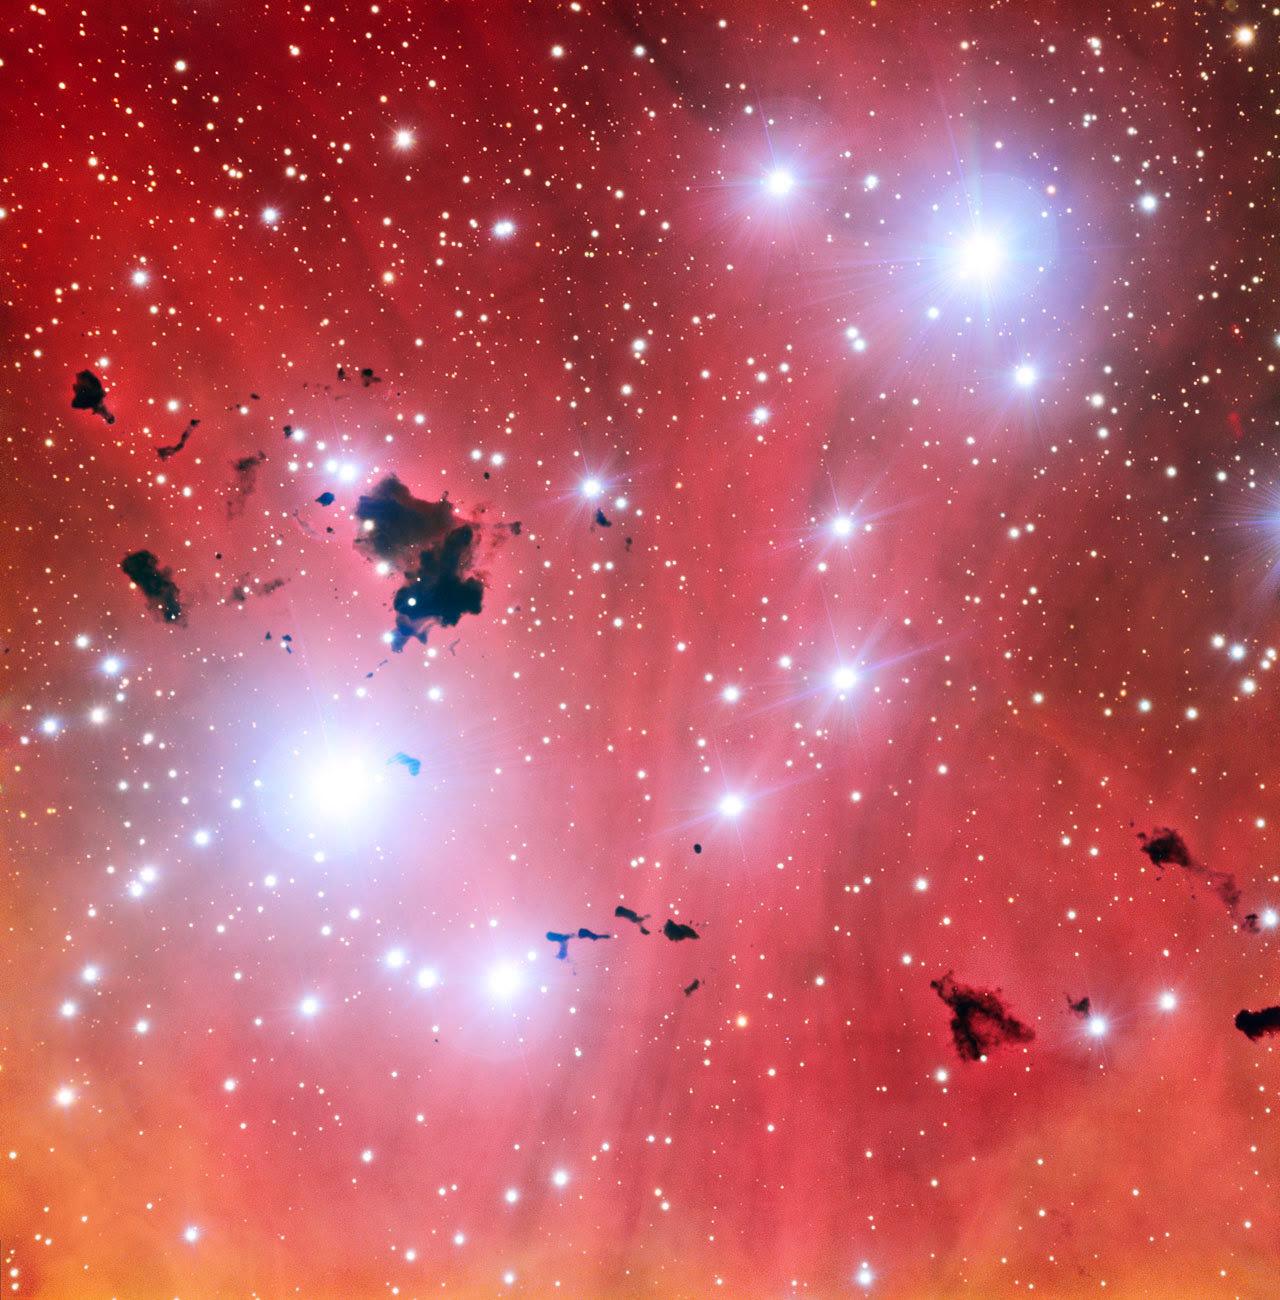 Một cái nhìn hoàn toàn mới về vườn ươm sao IC 2944. Credit : ESO.